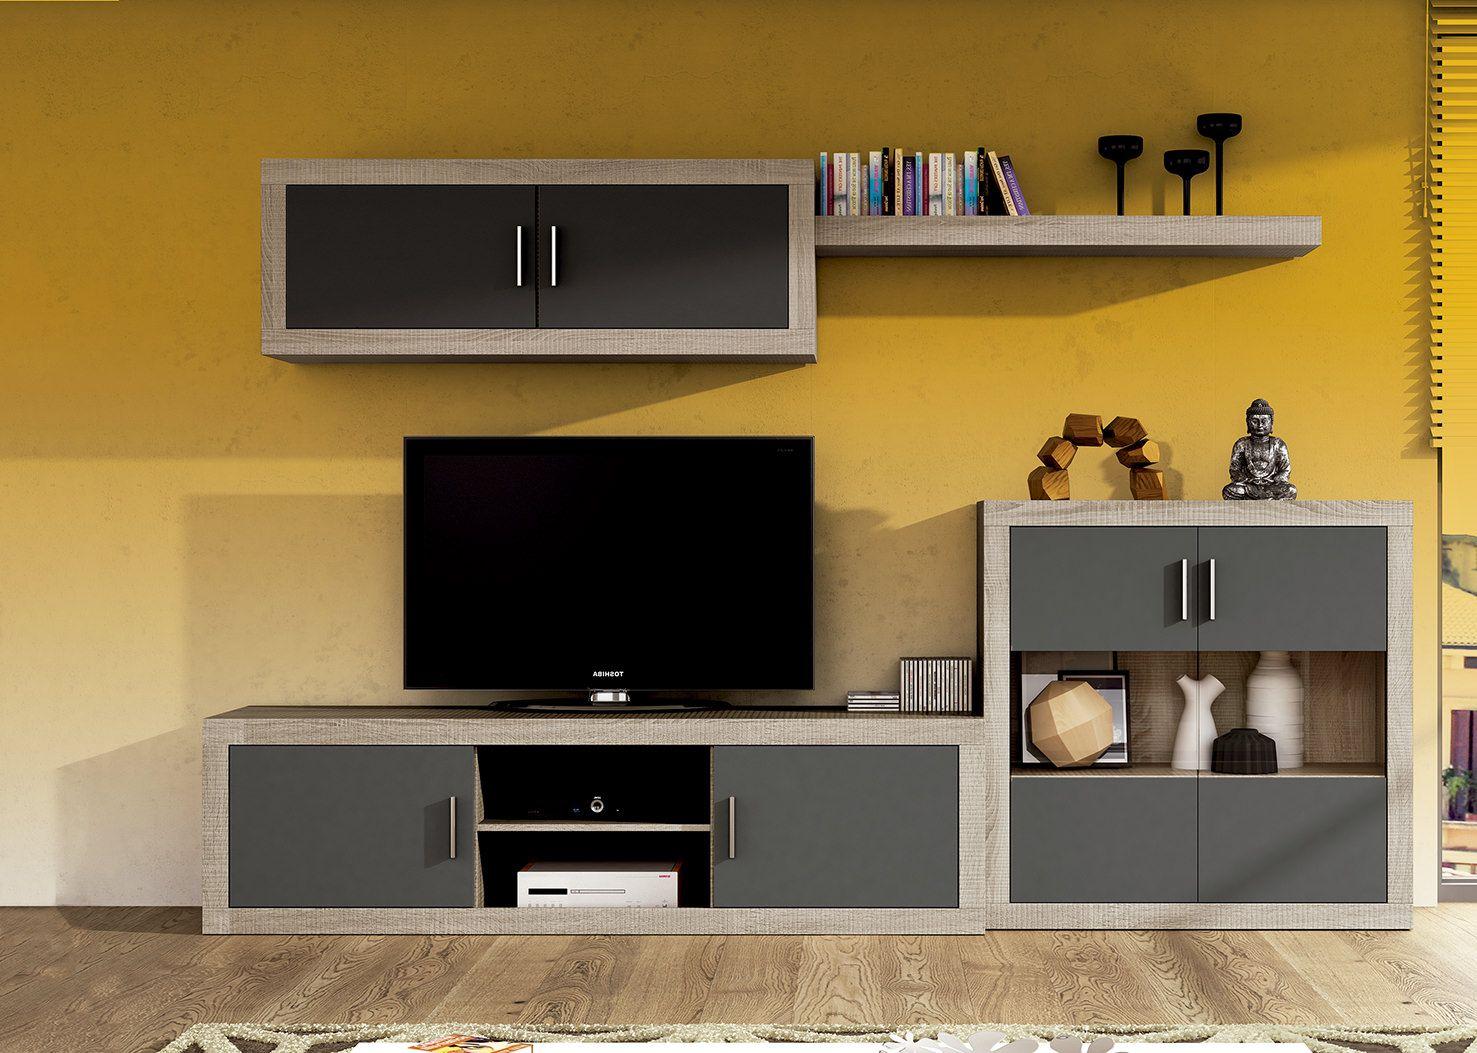 Mueble de comedor low cost laraga 08 de madera laminada - Muebles low cost ...